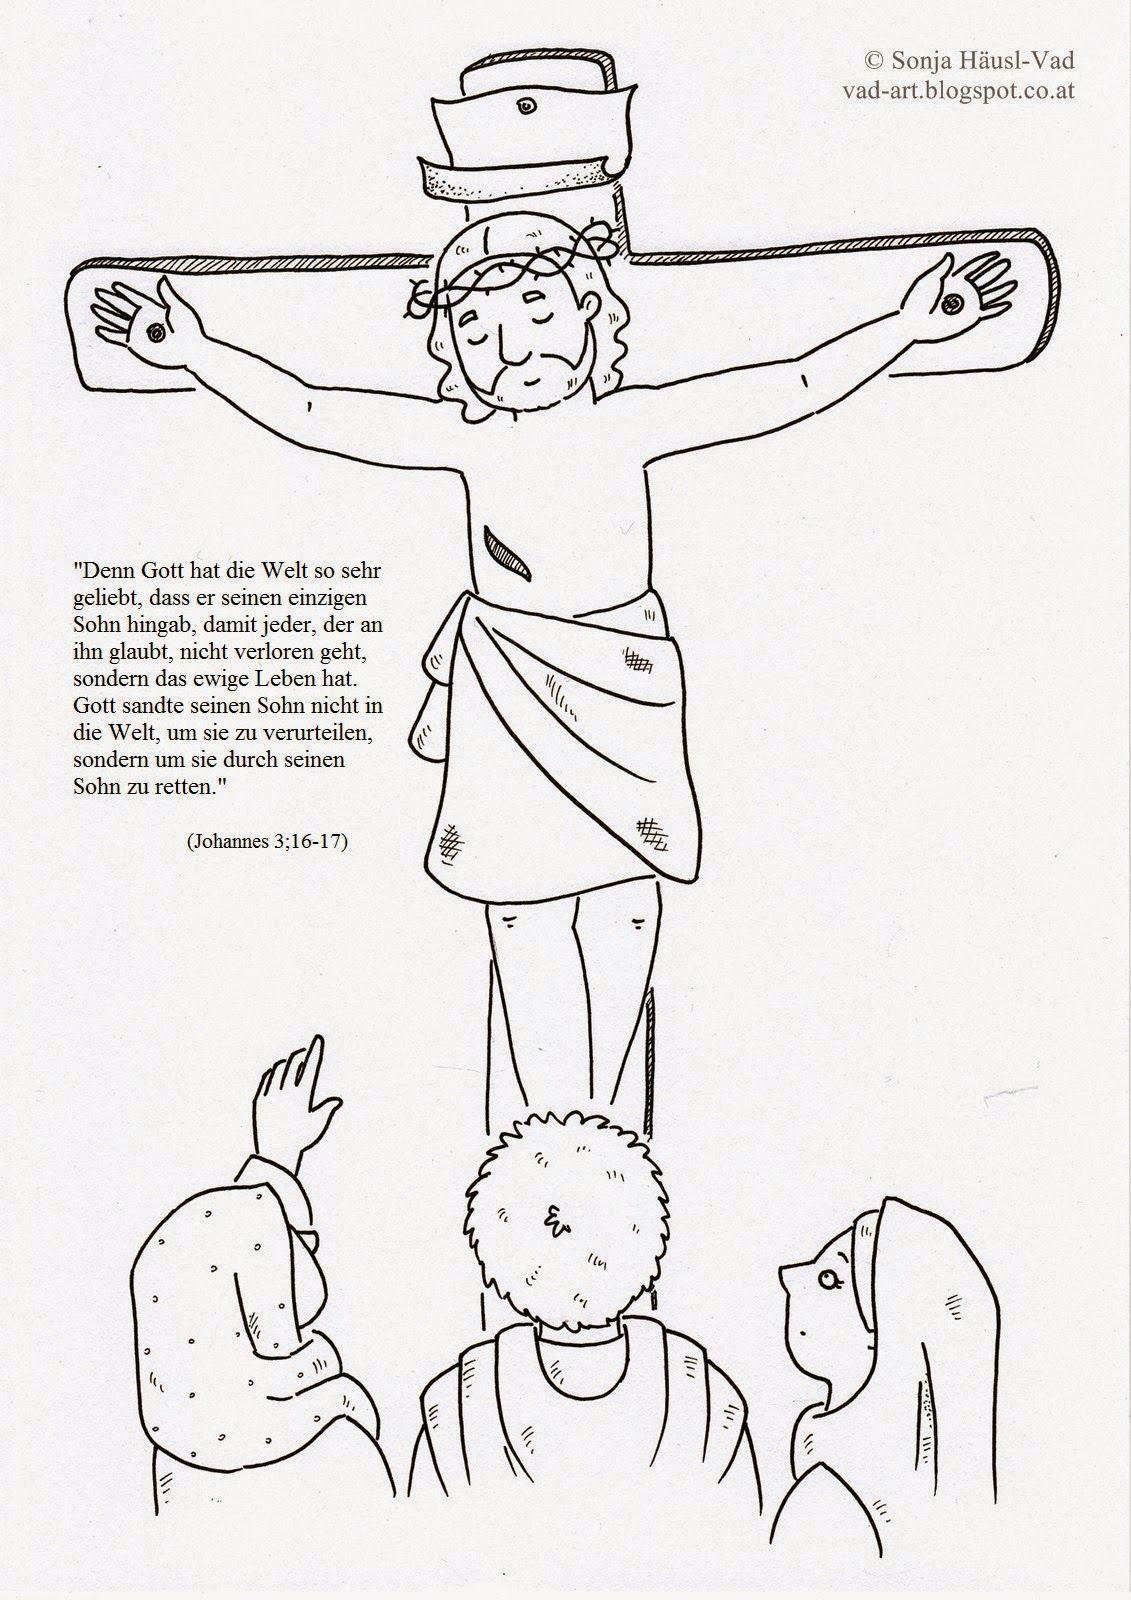 Ausmalbilder zur Bibel Ostern zum ausmalen Ausmalen